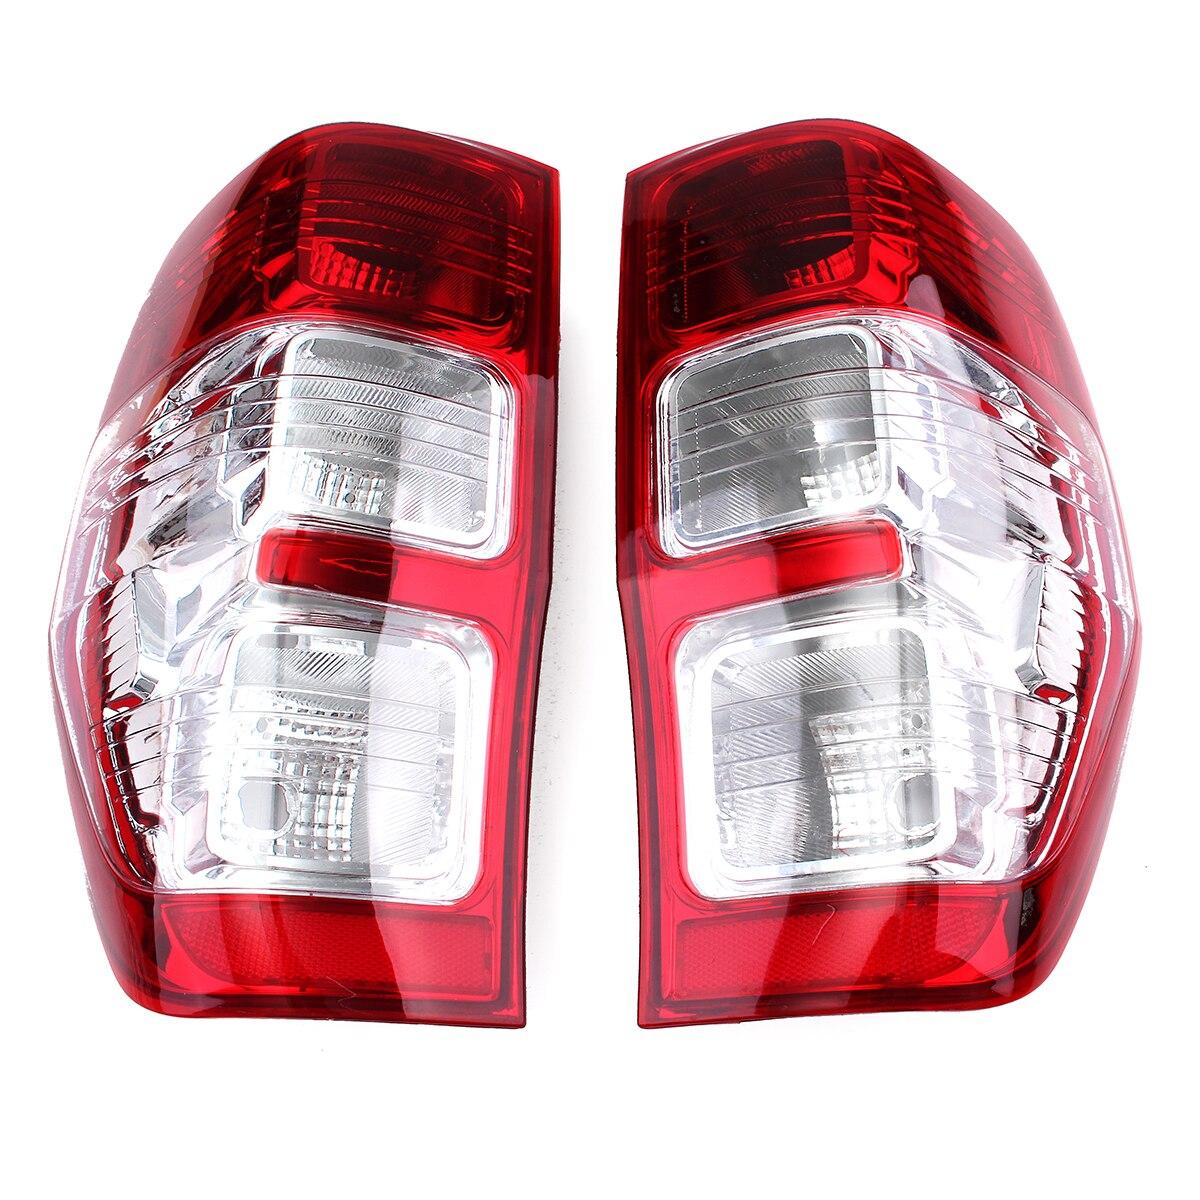 Ford Ranger T6 MK2 Wildtrak 4WD Chrome Fog Lamp Spot Light Cover Trim For 15